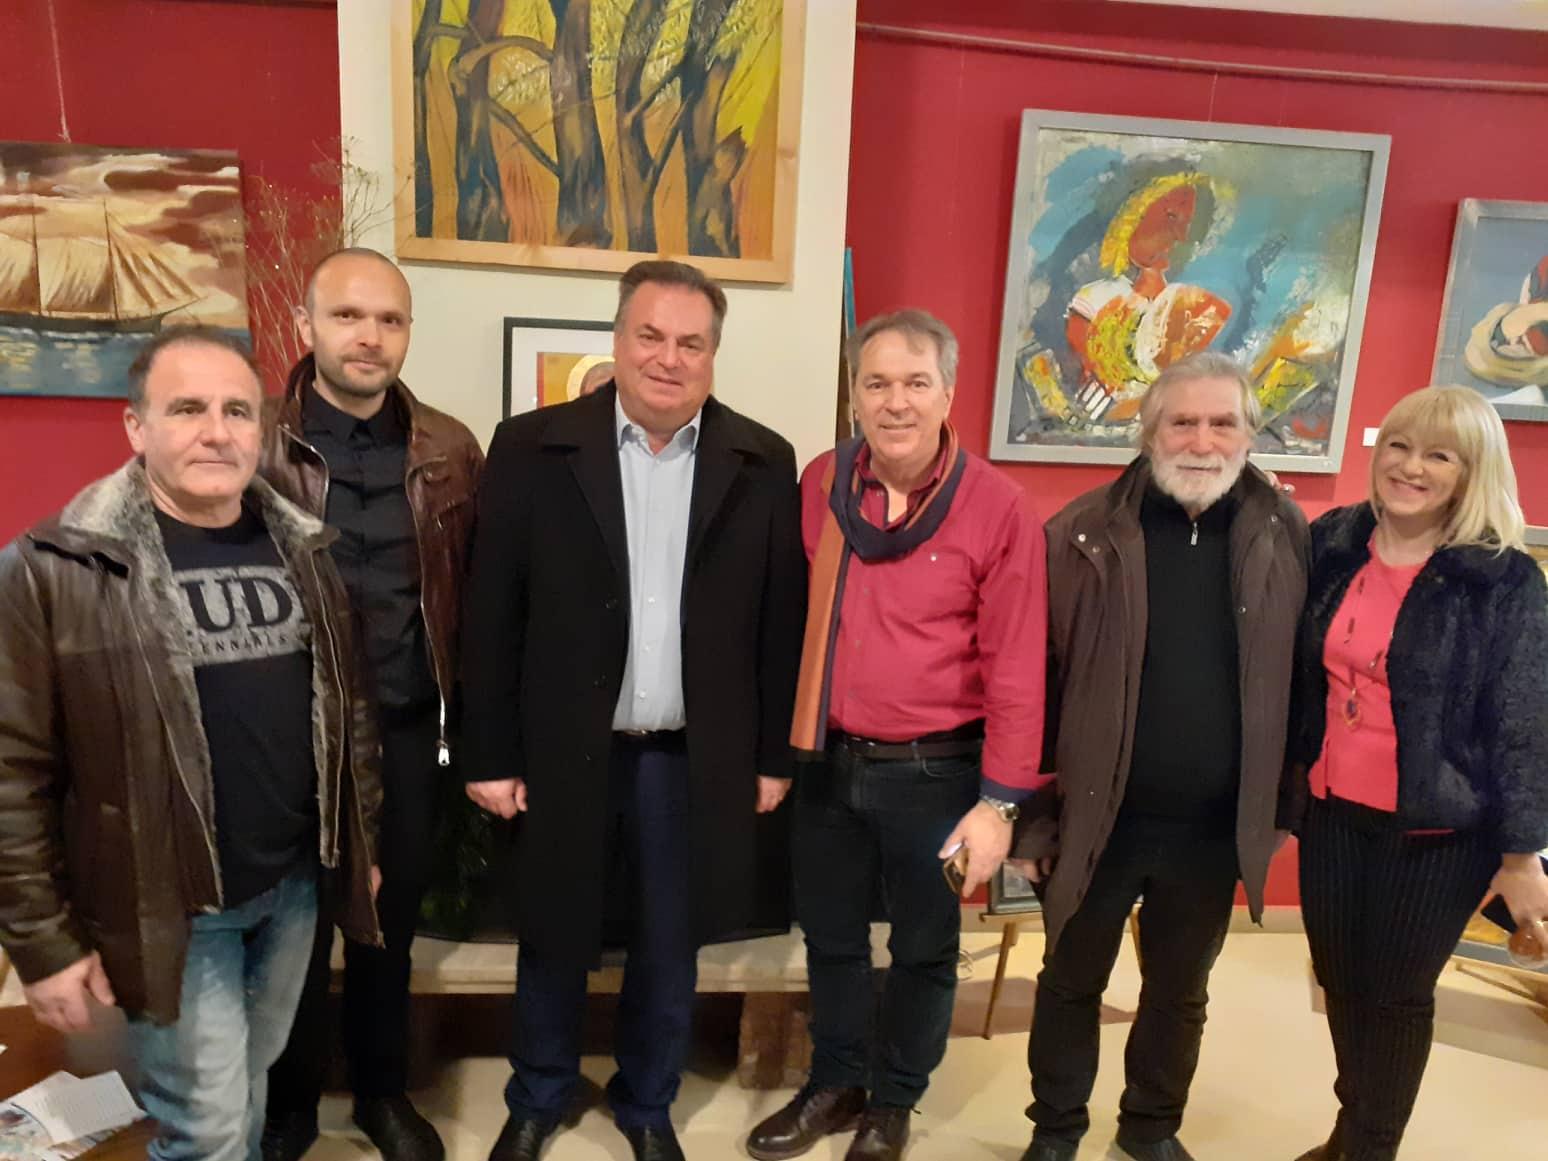 Άνοιξε η Ομαδική Έκθεση με έργα καλλιτεχνών του Συλλόγου Καλλιτεχνών Εικαστικών Τεχνών Χαλκιδικής